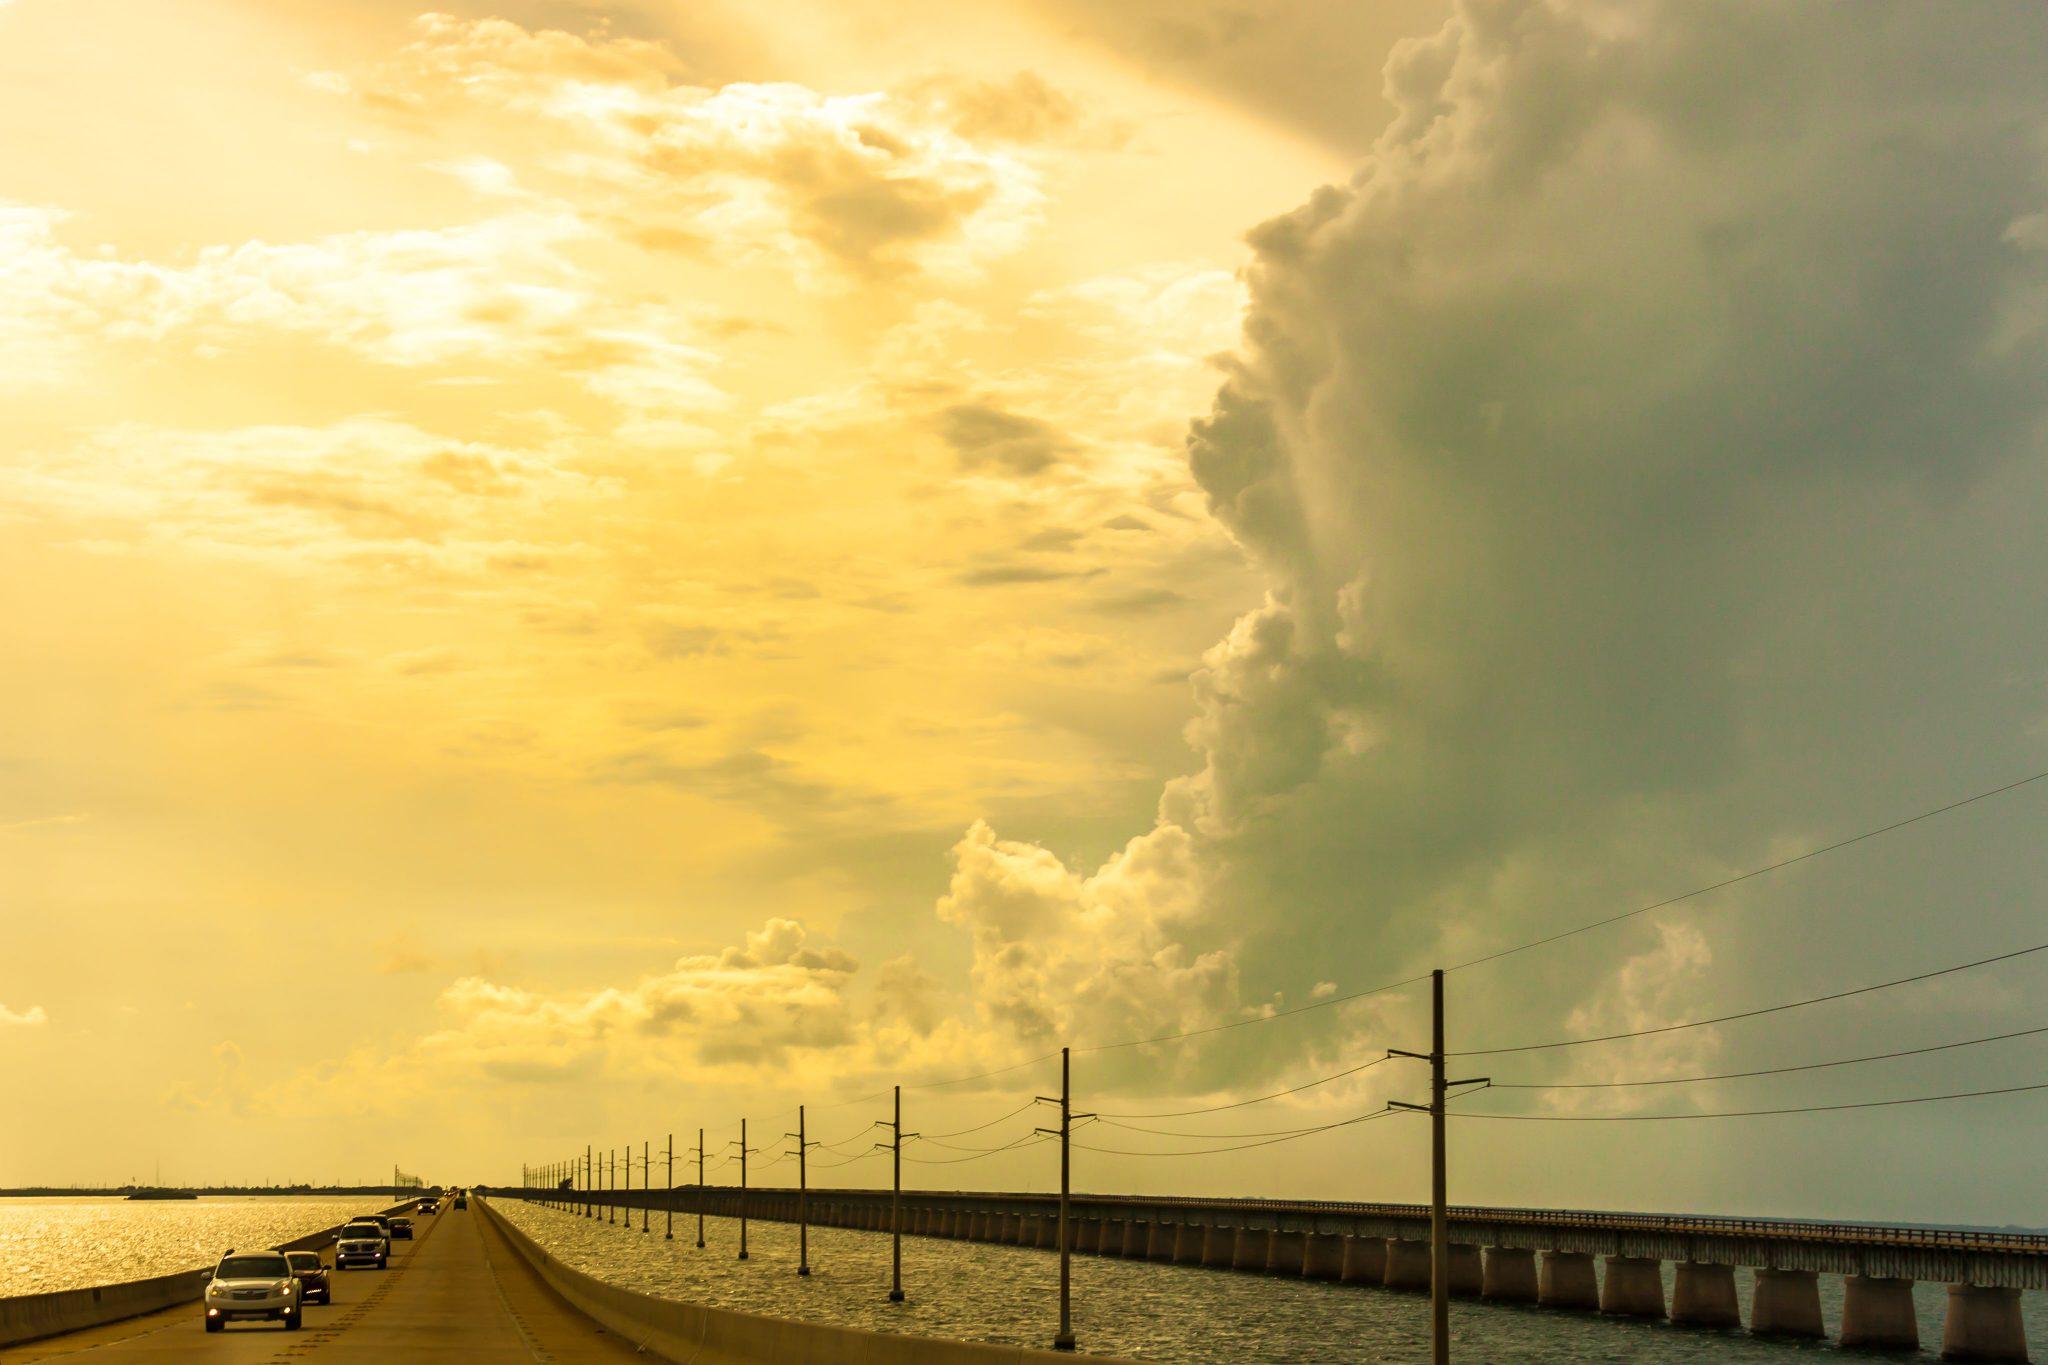 Carretera sobre el Océano. Cayos de Florida